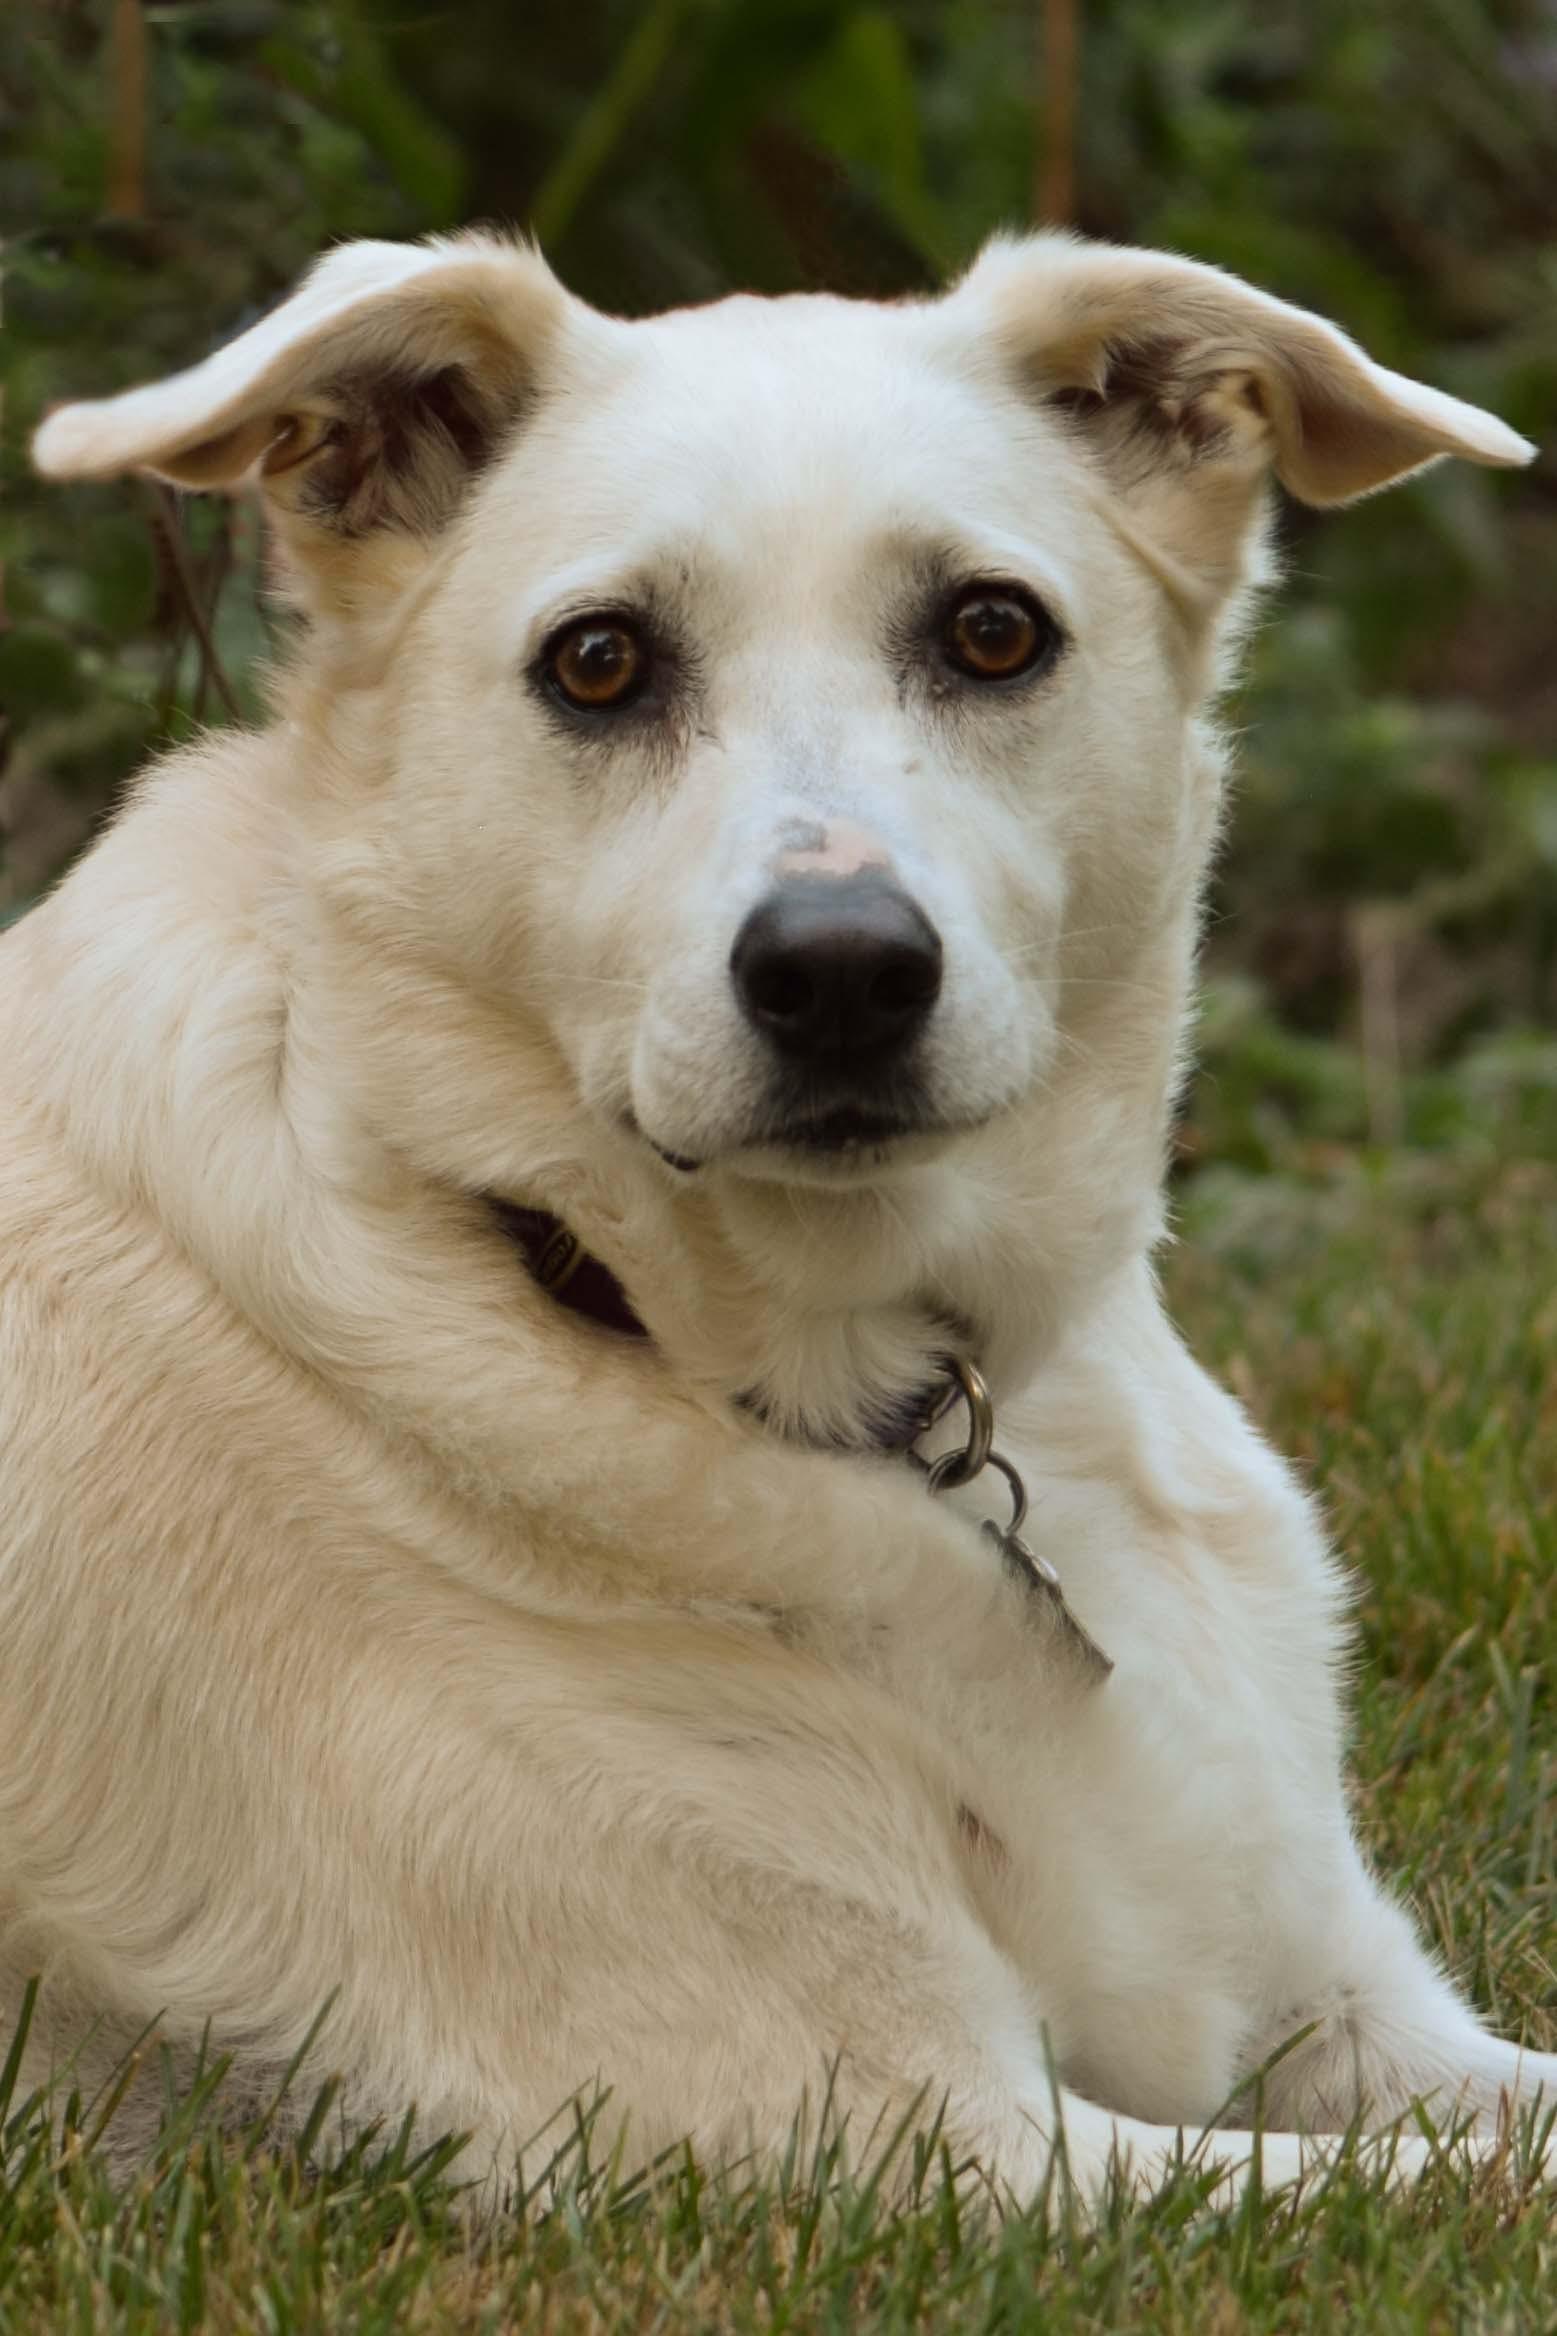 Gratis lagerfoto af hund